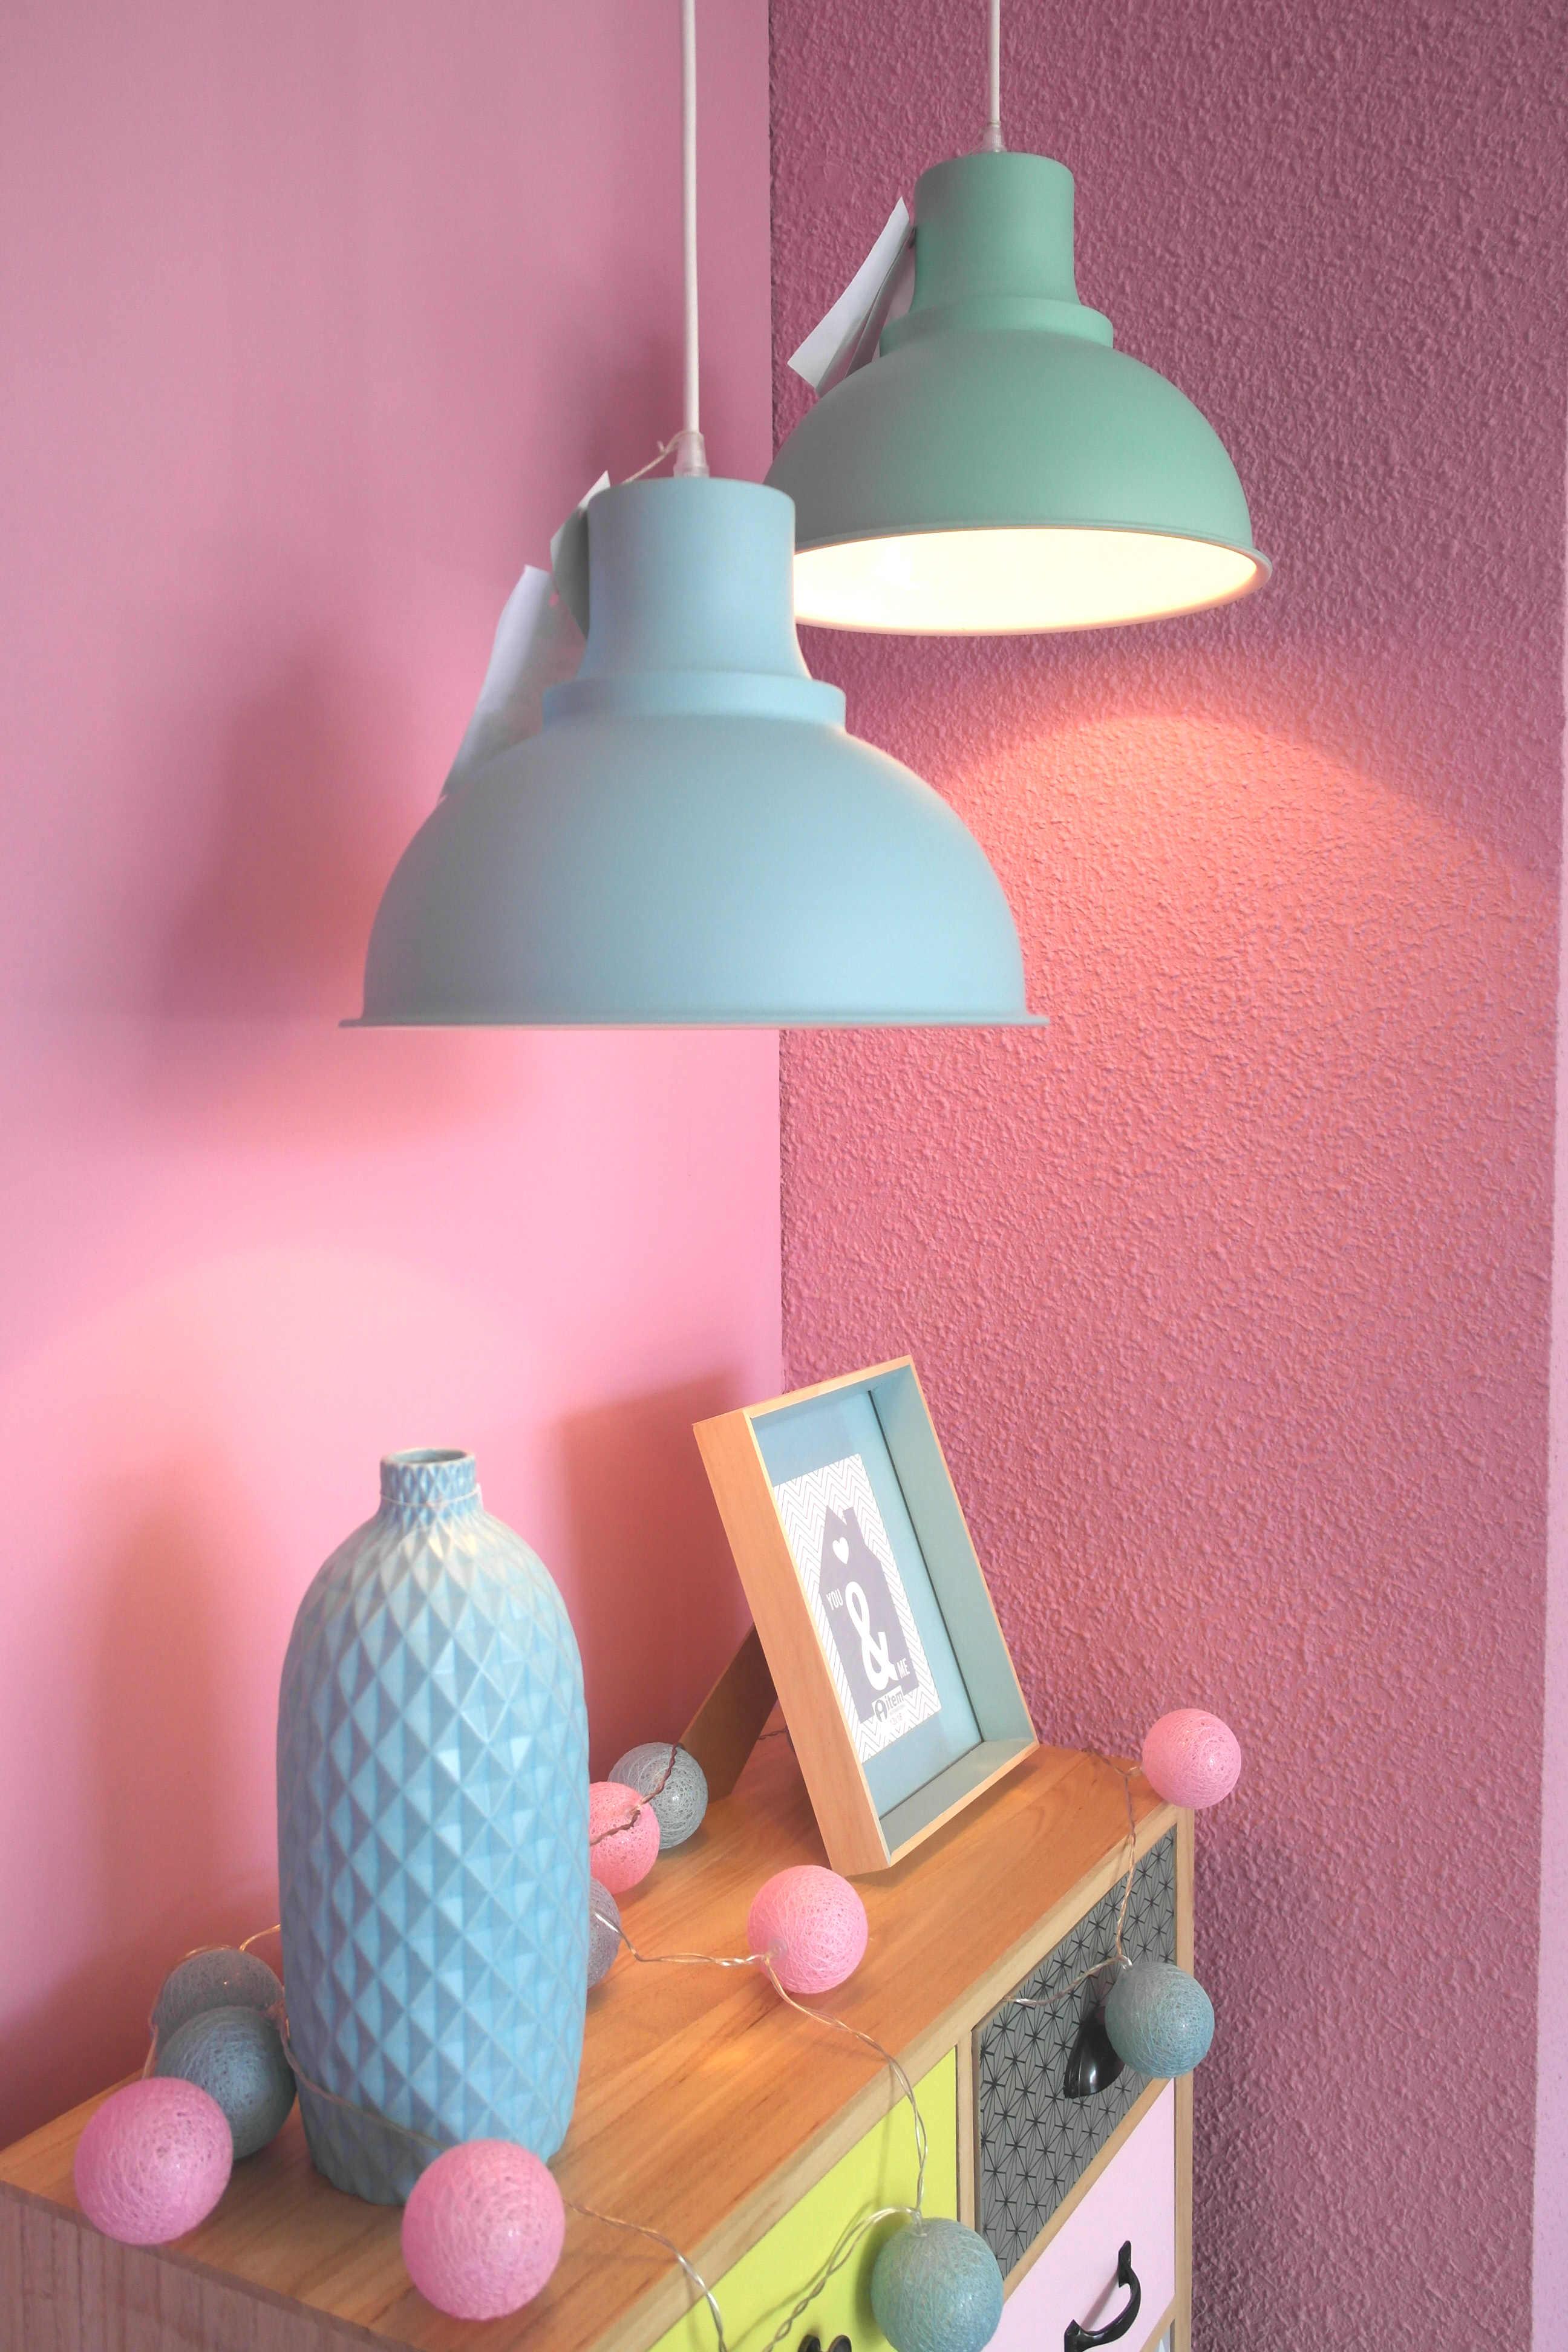 L mpara colour muebles passe avant - Lamparas alfafar ...